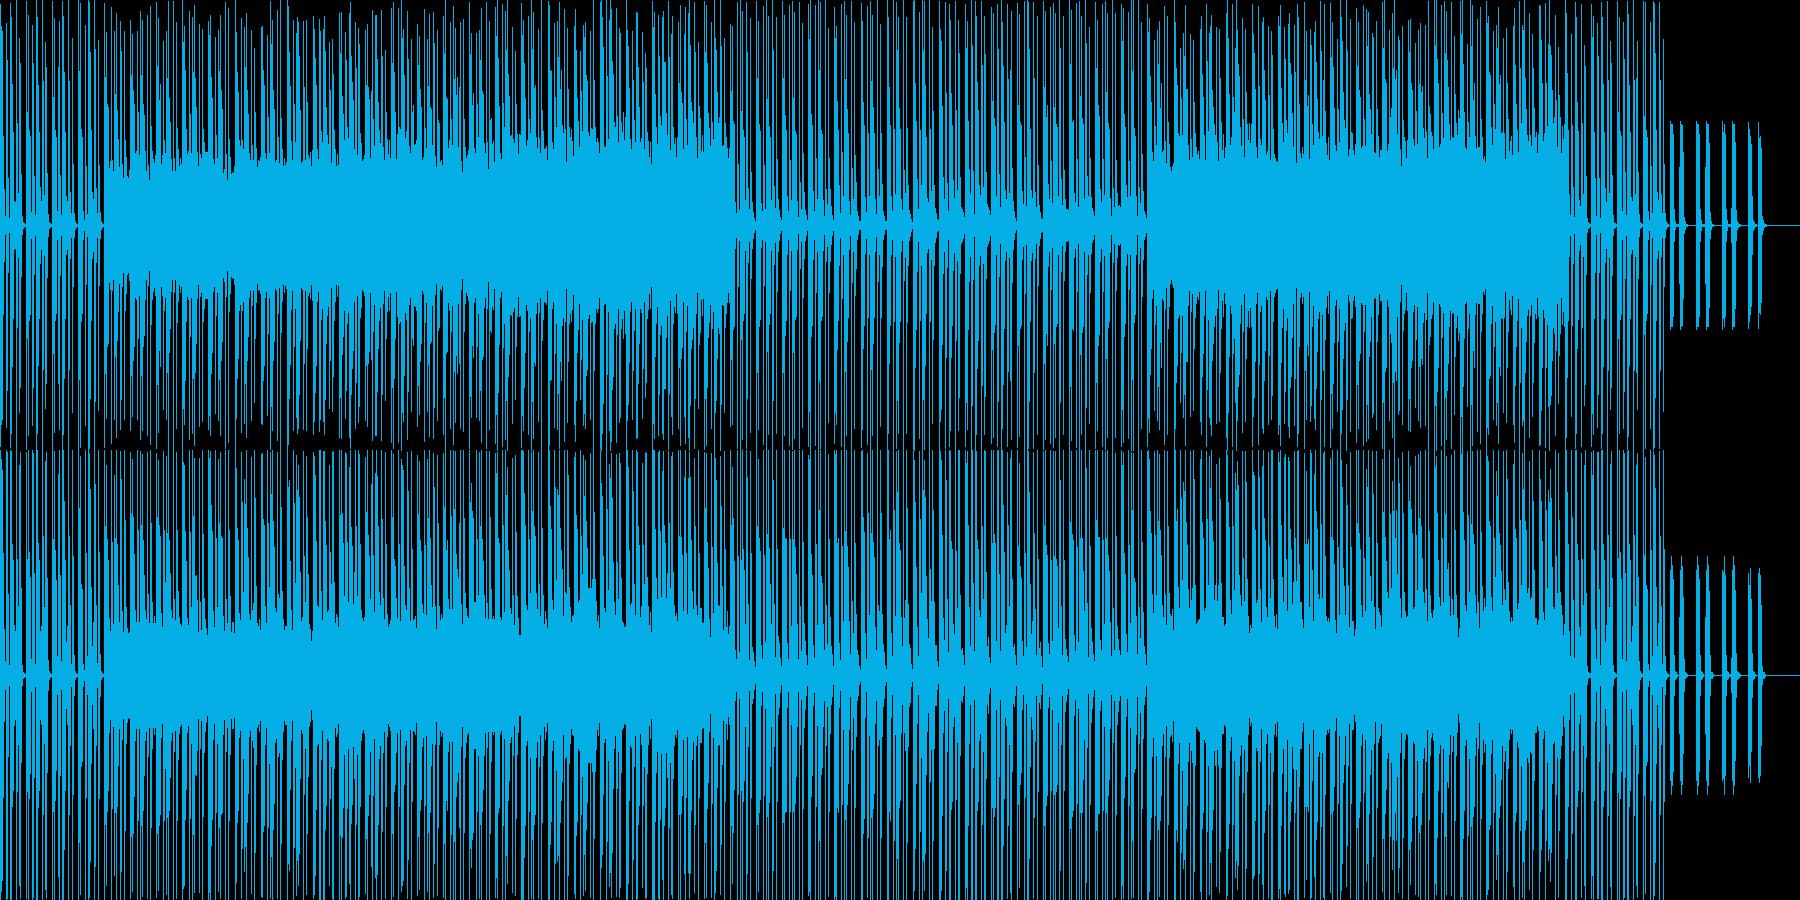 潜入シーン等をイメージした曲です。の再生済みの波形